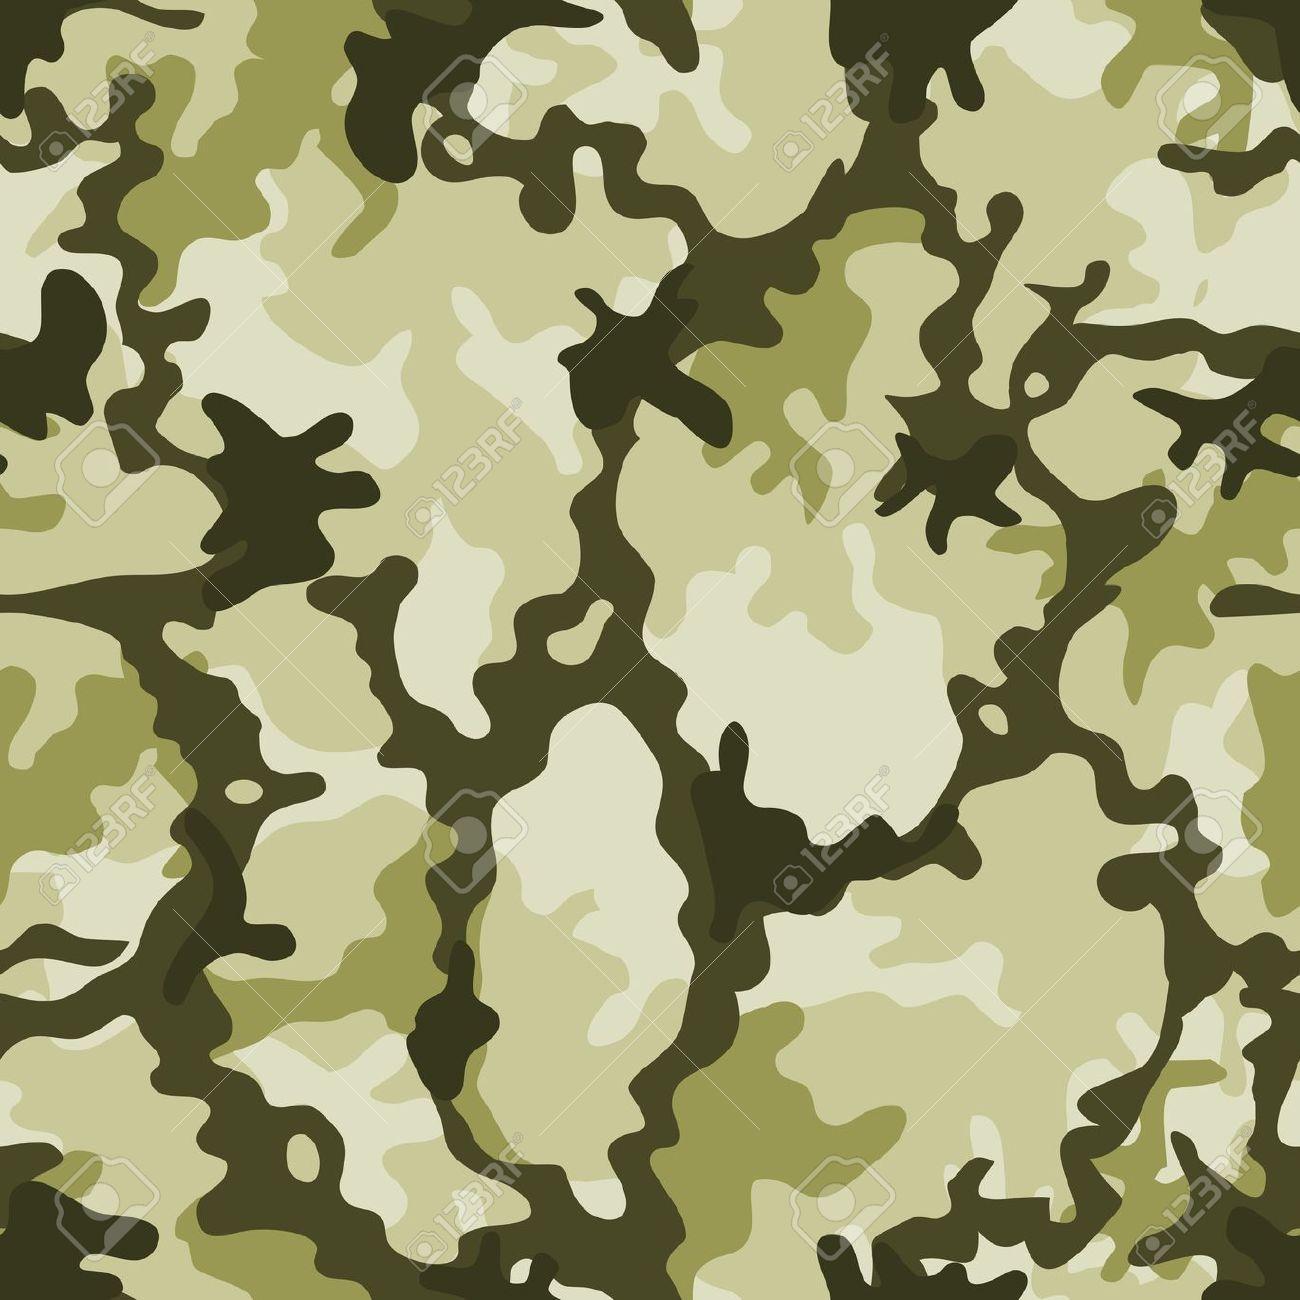 17470738 ilustraci n de un militar de camuflaje con tonos for Camo wallpaper for walls